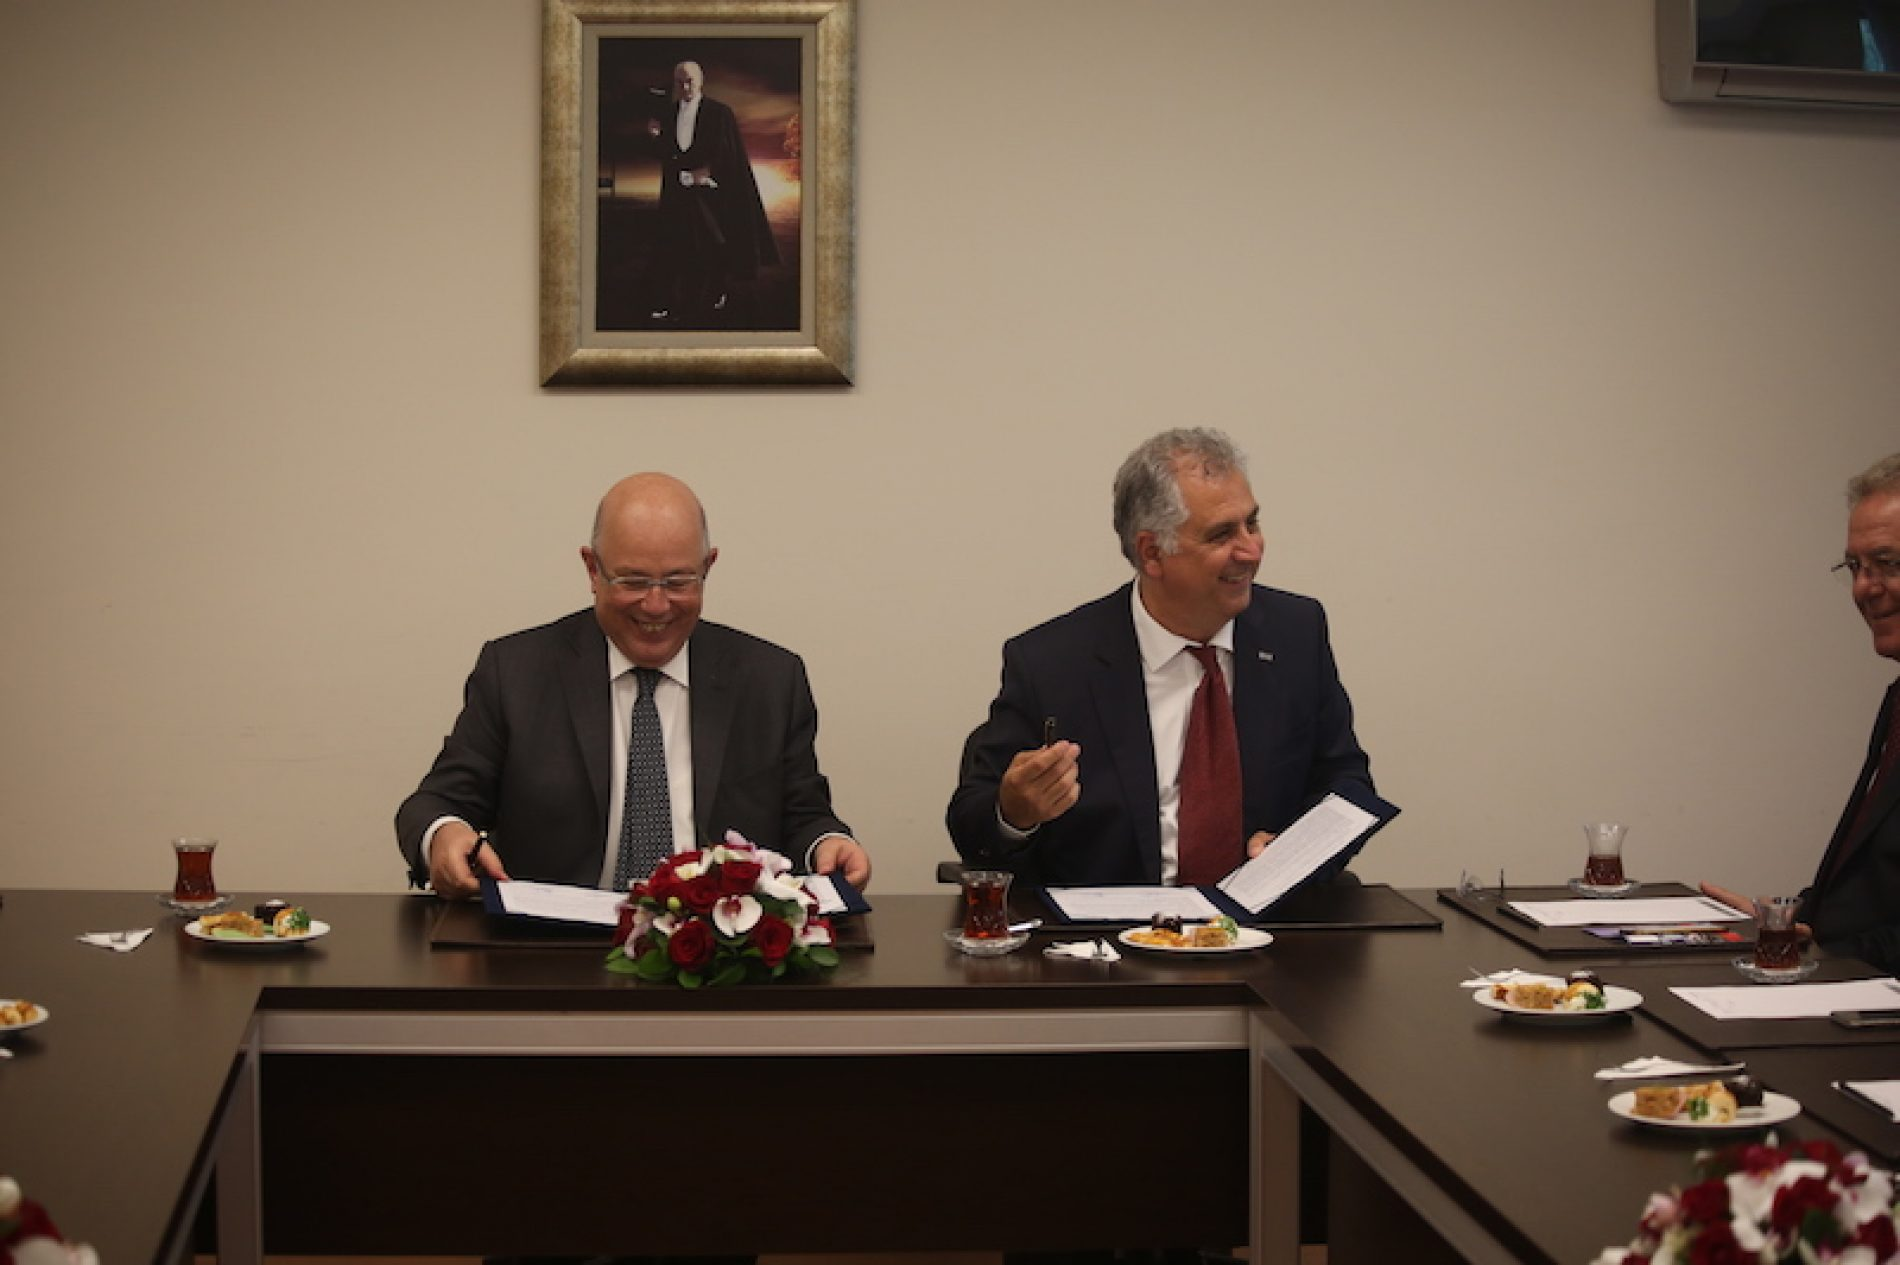 ATILIM ÜNİVERSİTESİ ile YASAD YAZILIM SANAYİCİLERİ DERNEĞİ İşbirliği Protokolü İmzalandı